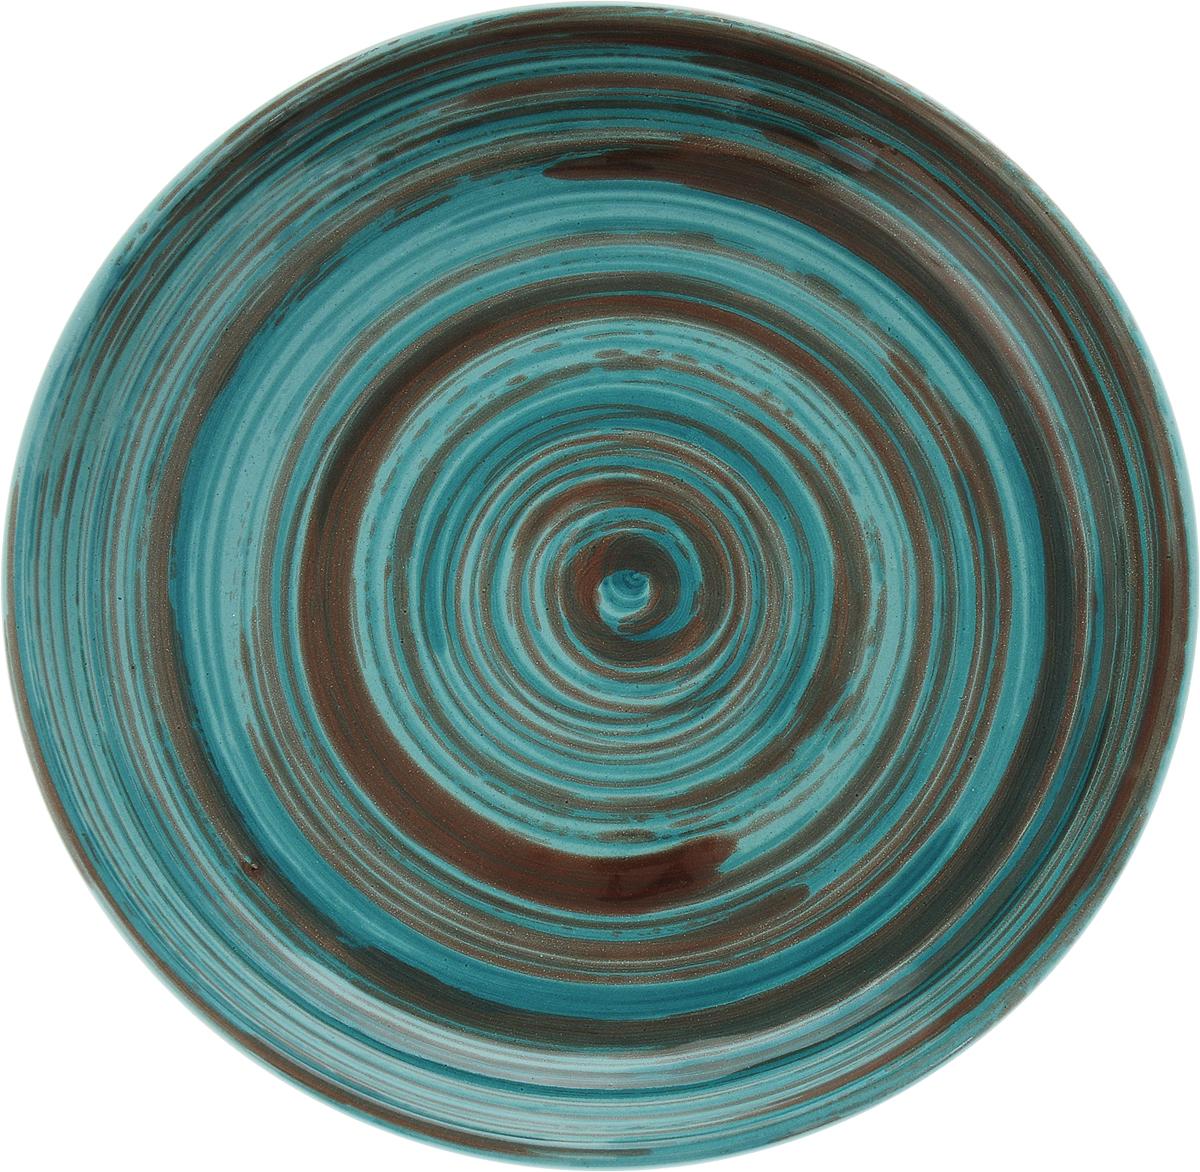 Тарелка Борисовская керамика Радуга, цвет: бирюзовый, серый, диаметр 18 см